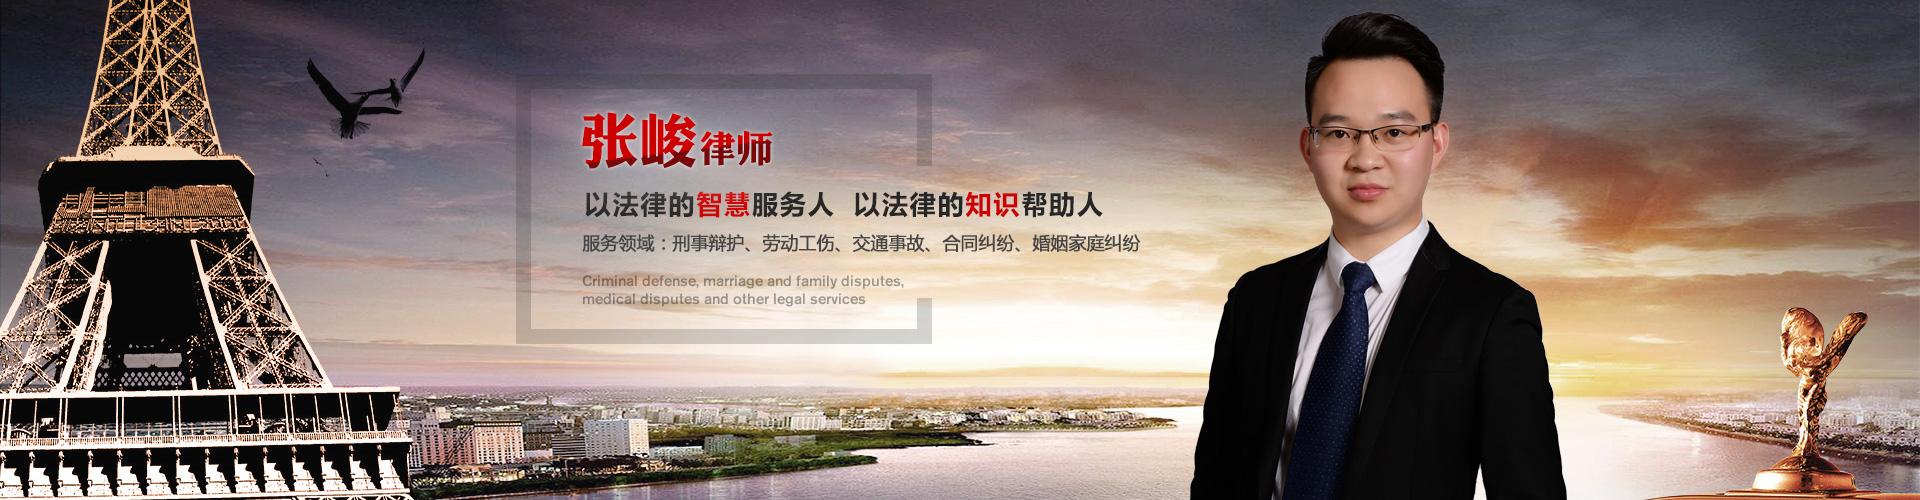 重庆张峻律师